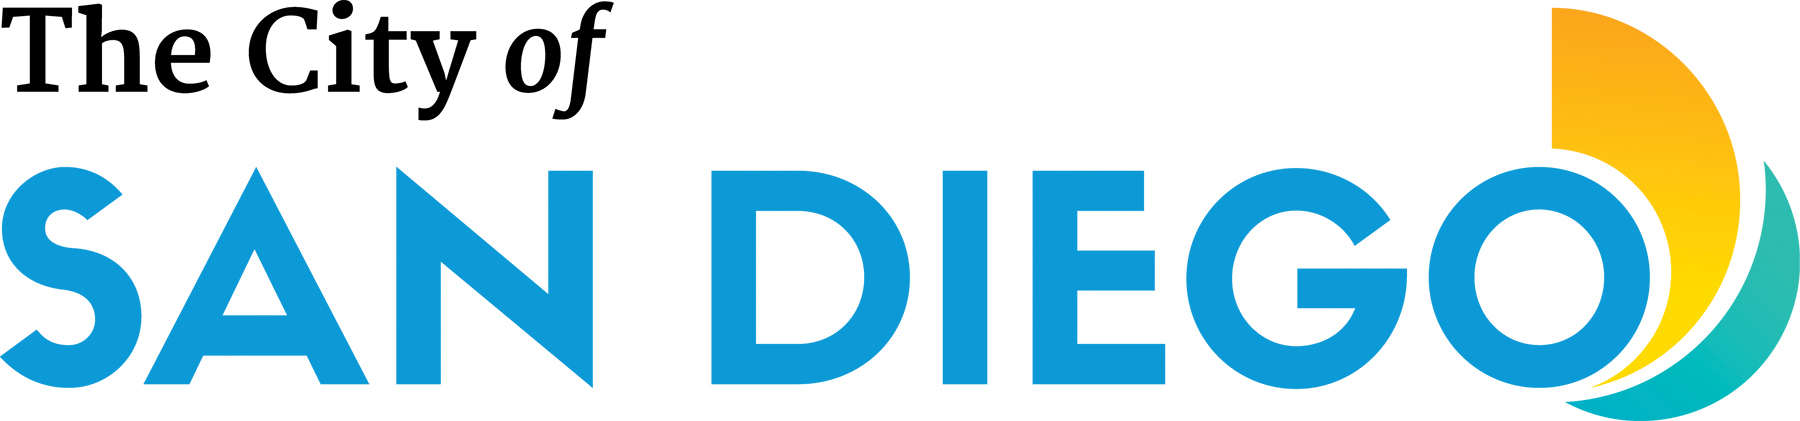 cosd-logo-primary-full-color-300ppi.jpg